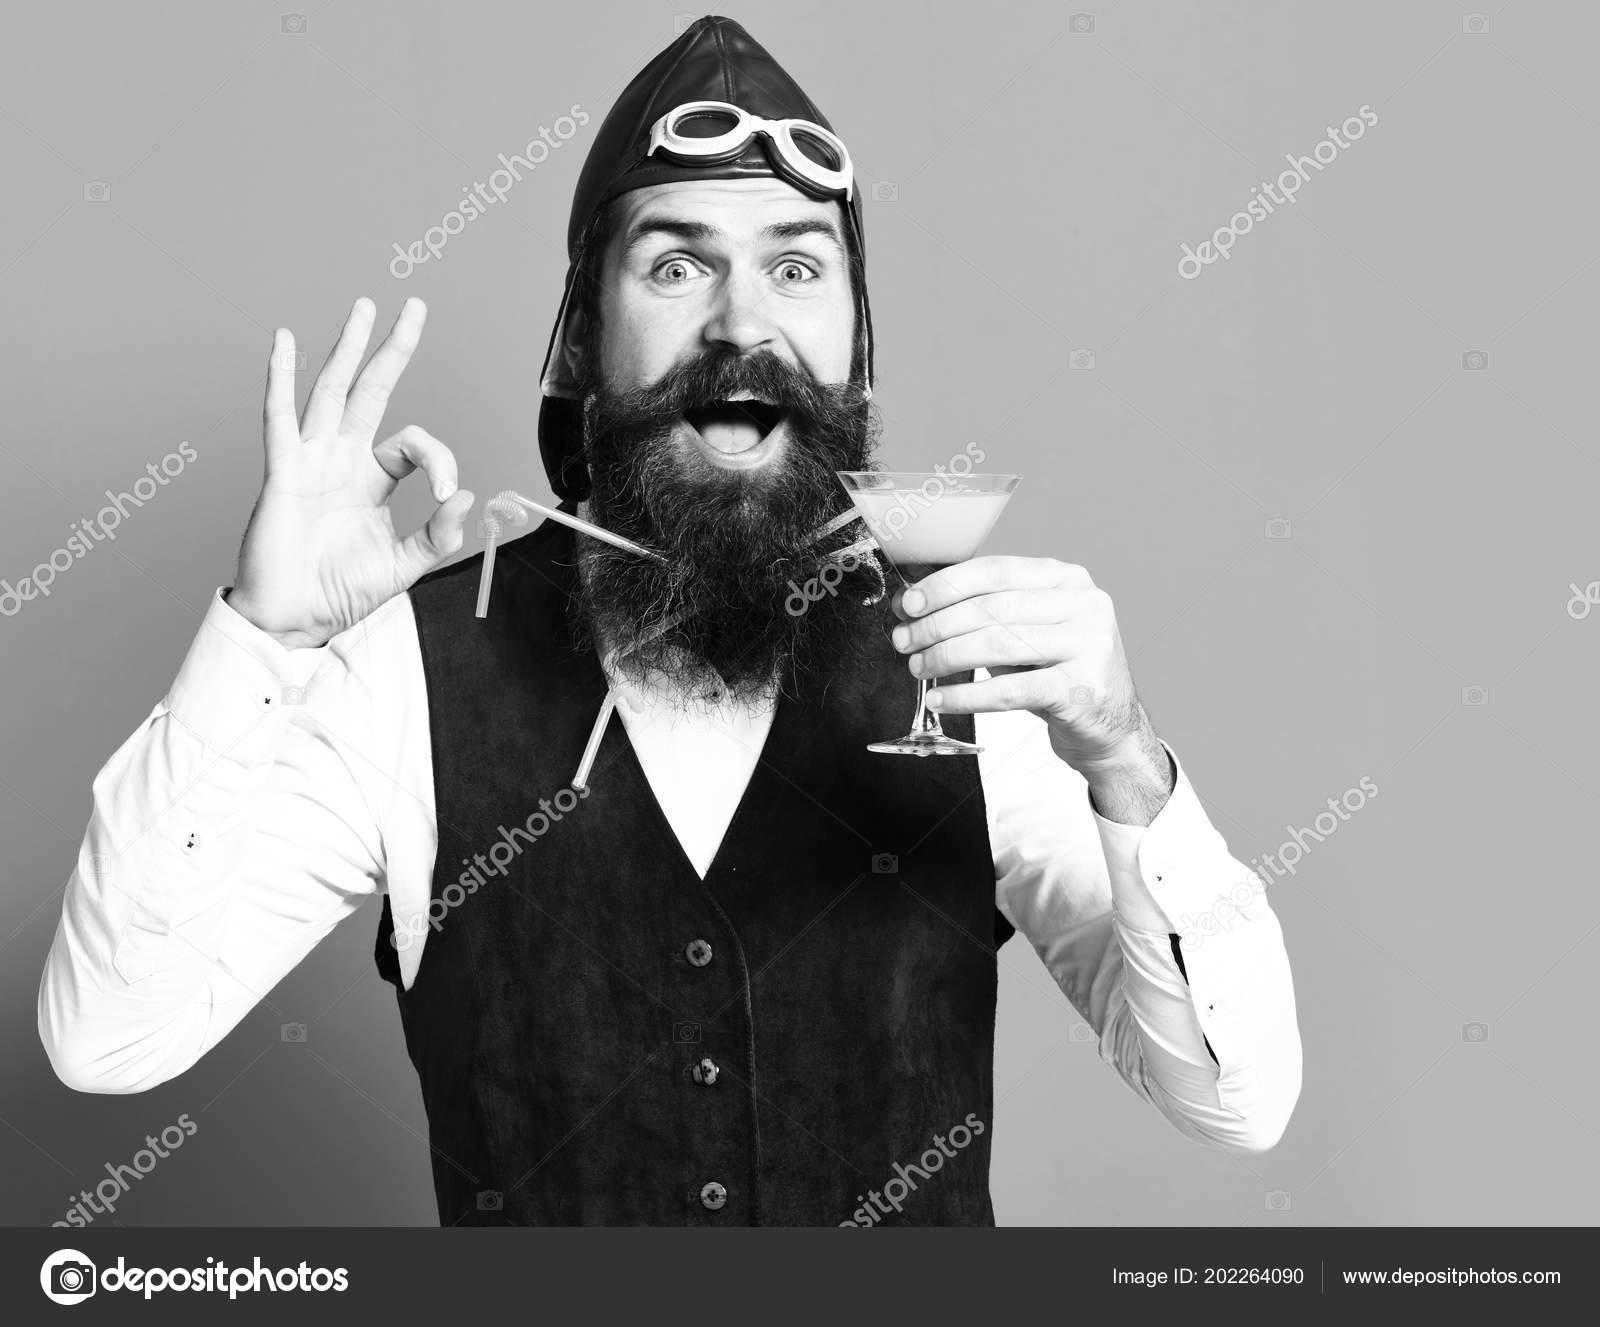 24943ee59c991 Guapo con barba piloto o aviador hombre con barba larga y bigote cara feliz  con vaso de bebida alcohólica en chaleco de cuero de ante vintage con  sombrero y ...